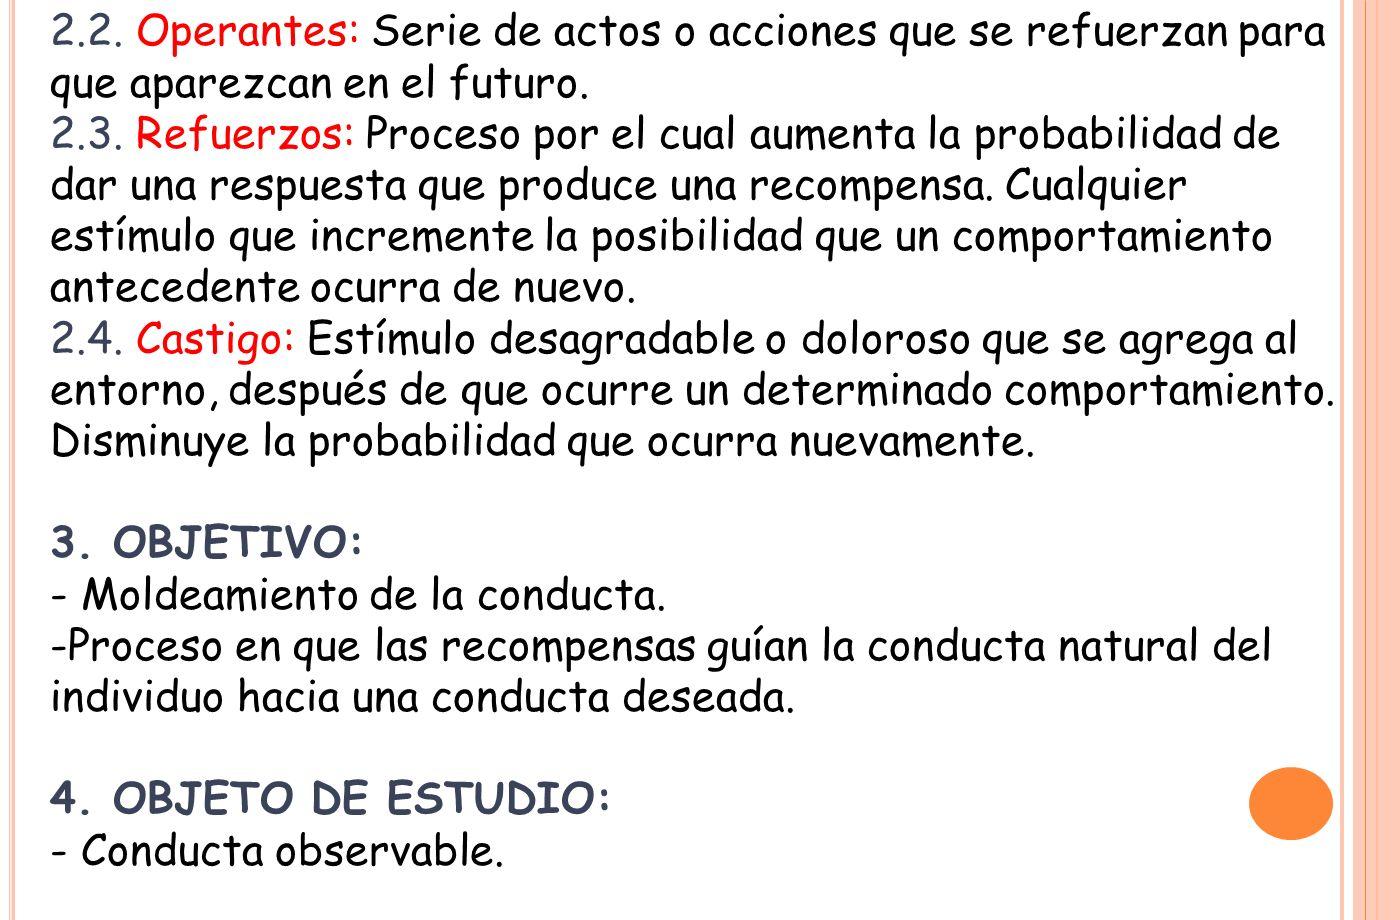 2.2. Operantes: Serie de actos o acciones que se refuerzan para que aparezcan en el futuro. 2.3. Refuerzos: Proceso por el cual aumenta la probabilida